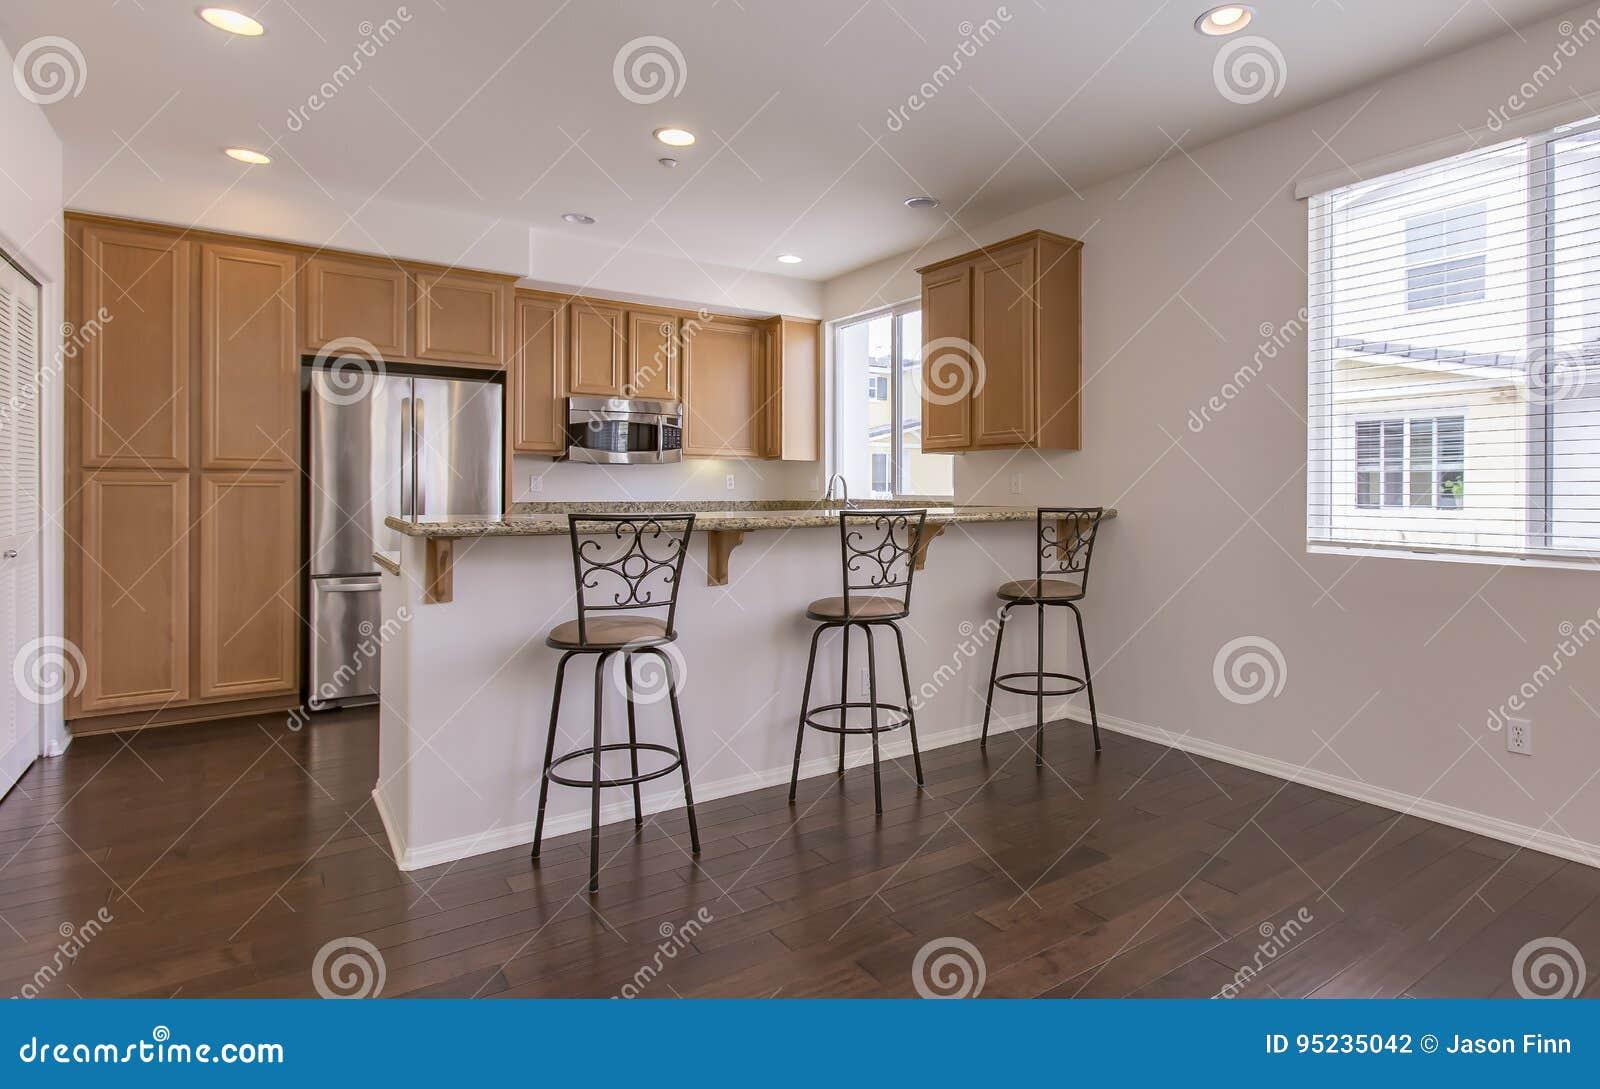 Keuken met bar en krukken in het huis in de stad van luxesan diego